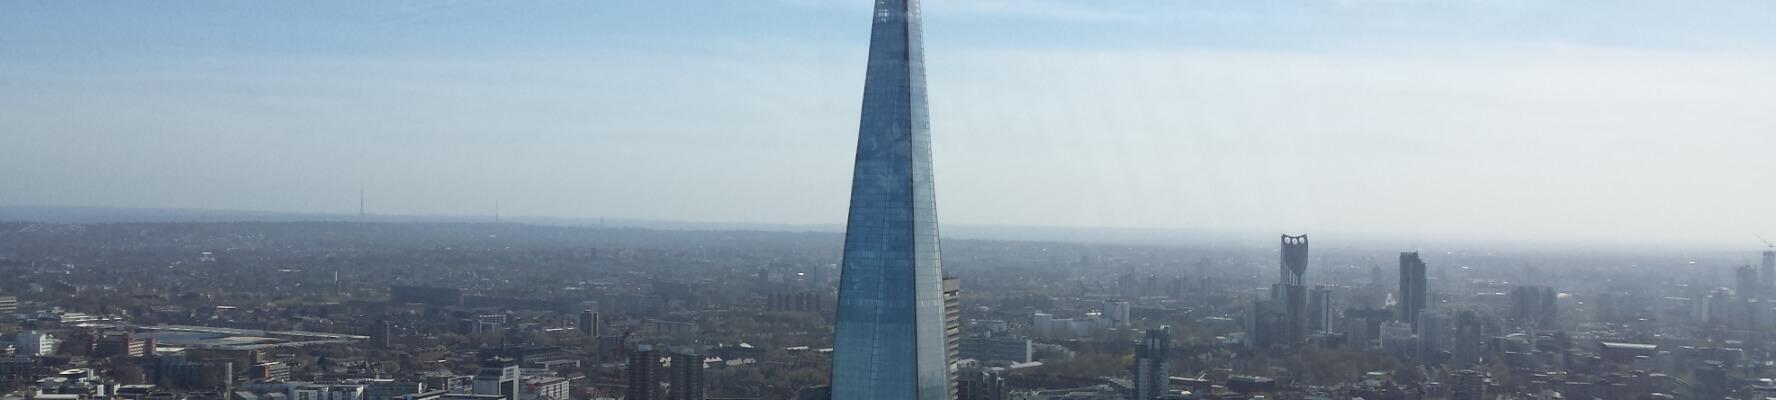 London-Shard